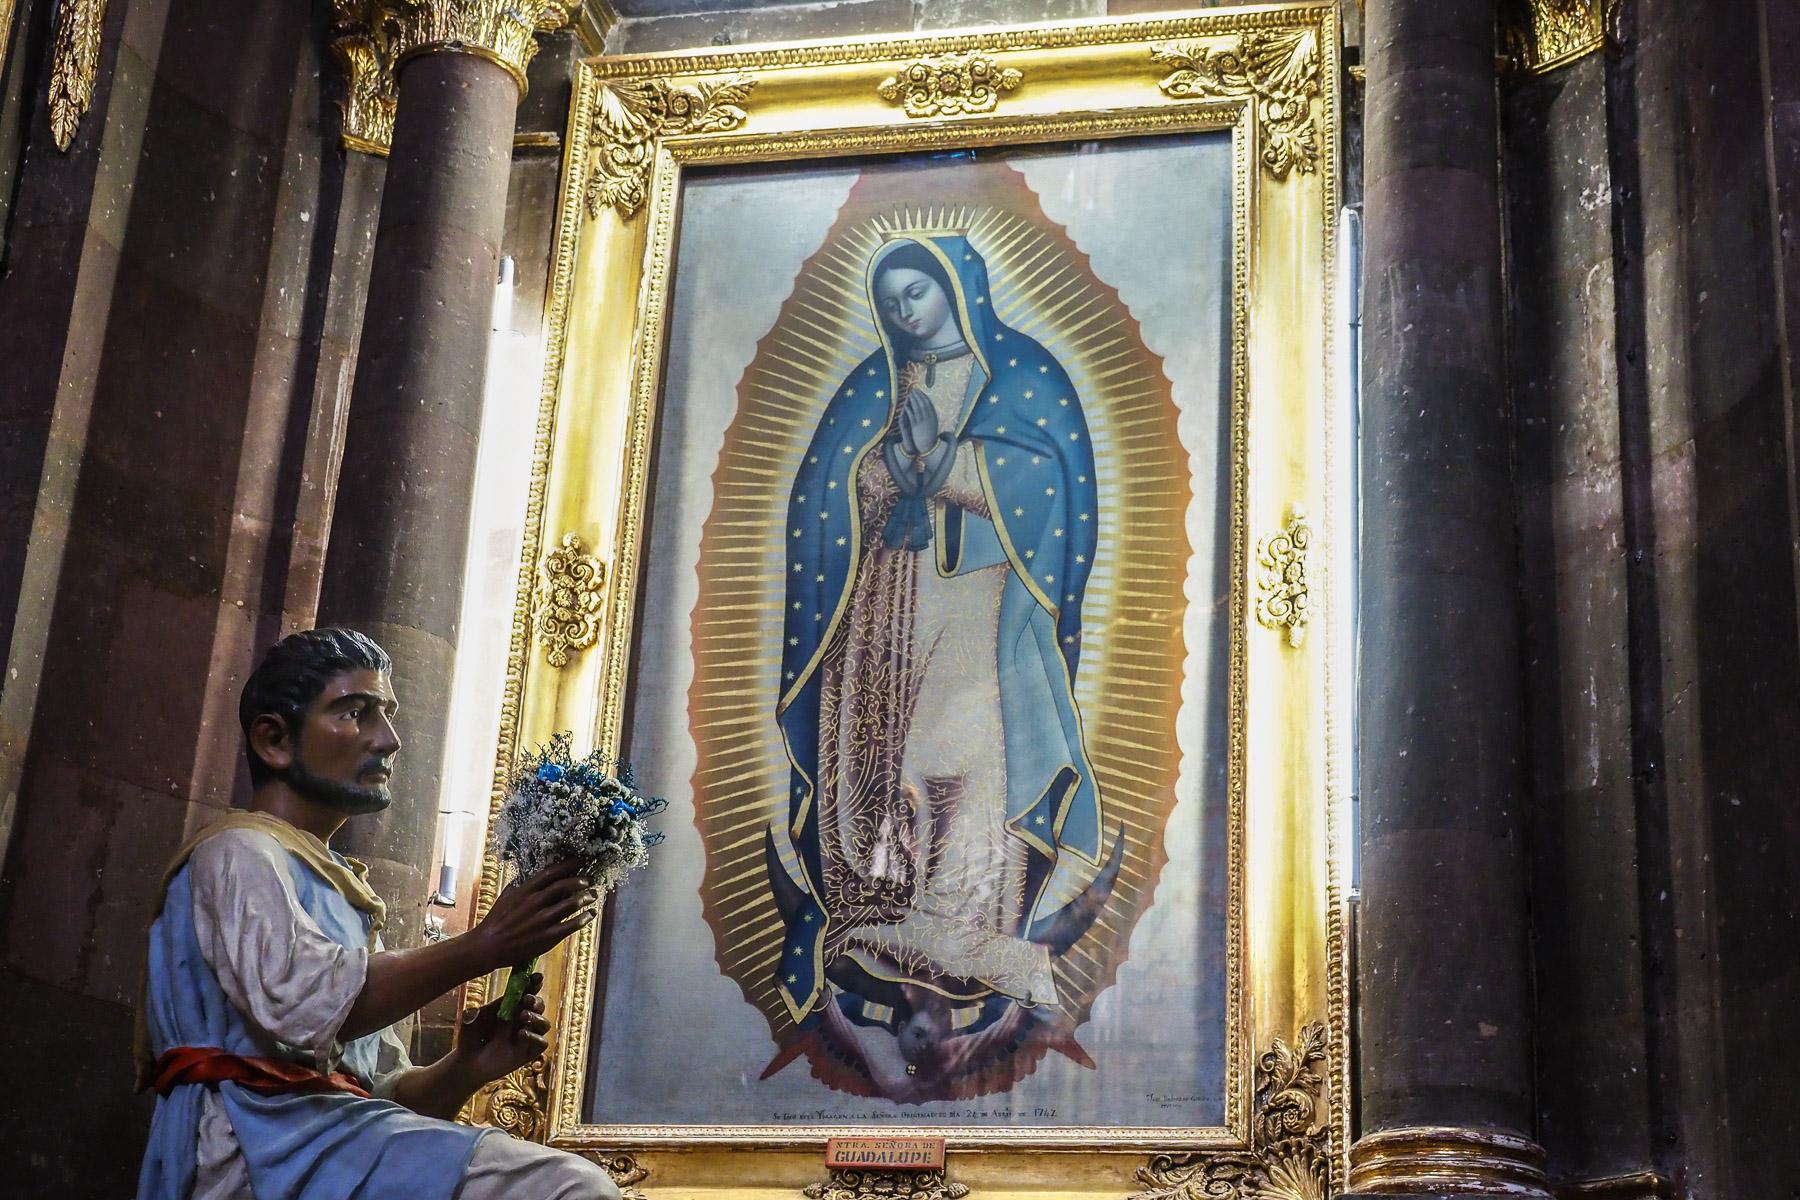 Hochverehrte Virgen de Guadalupe